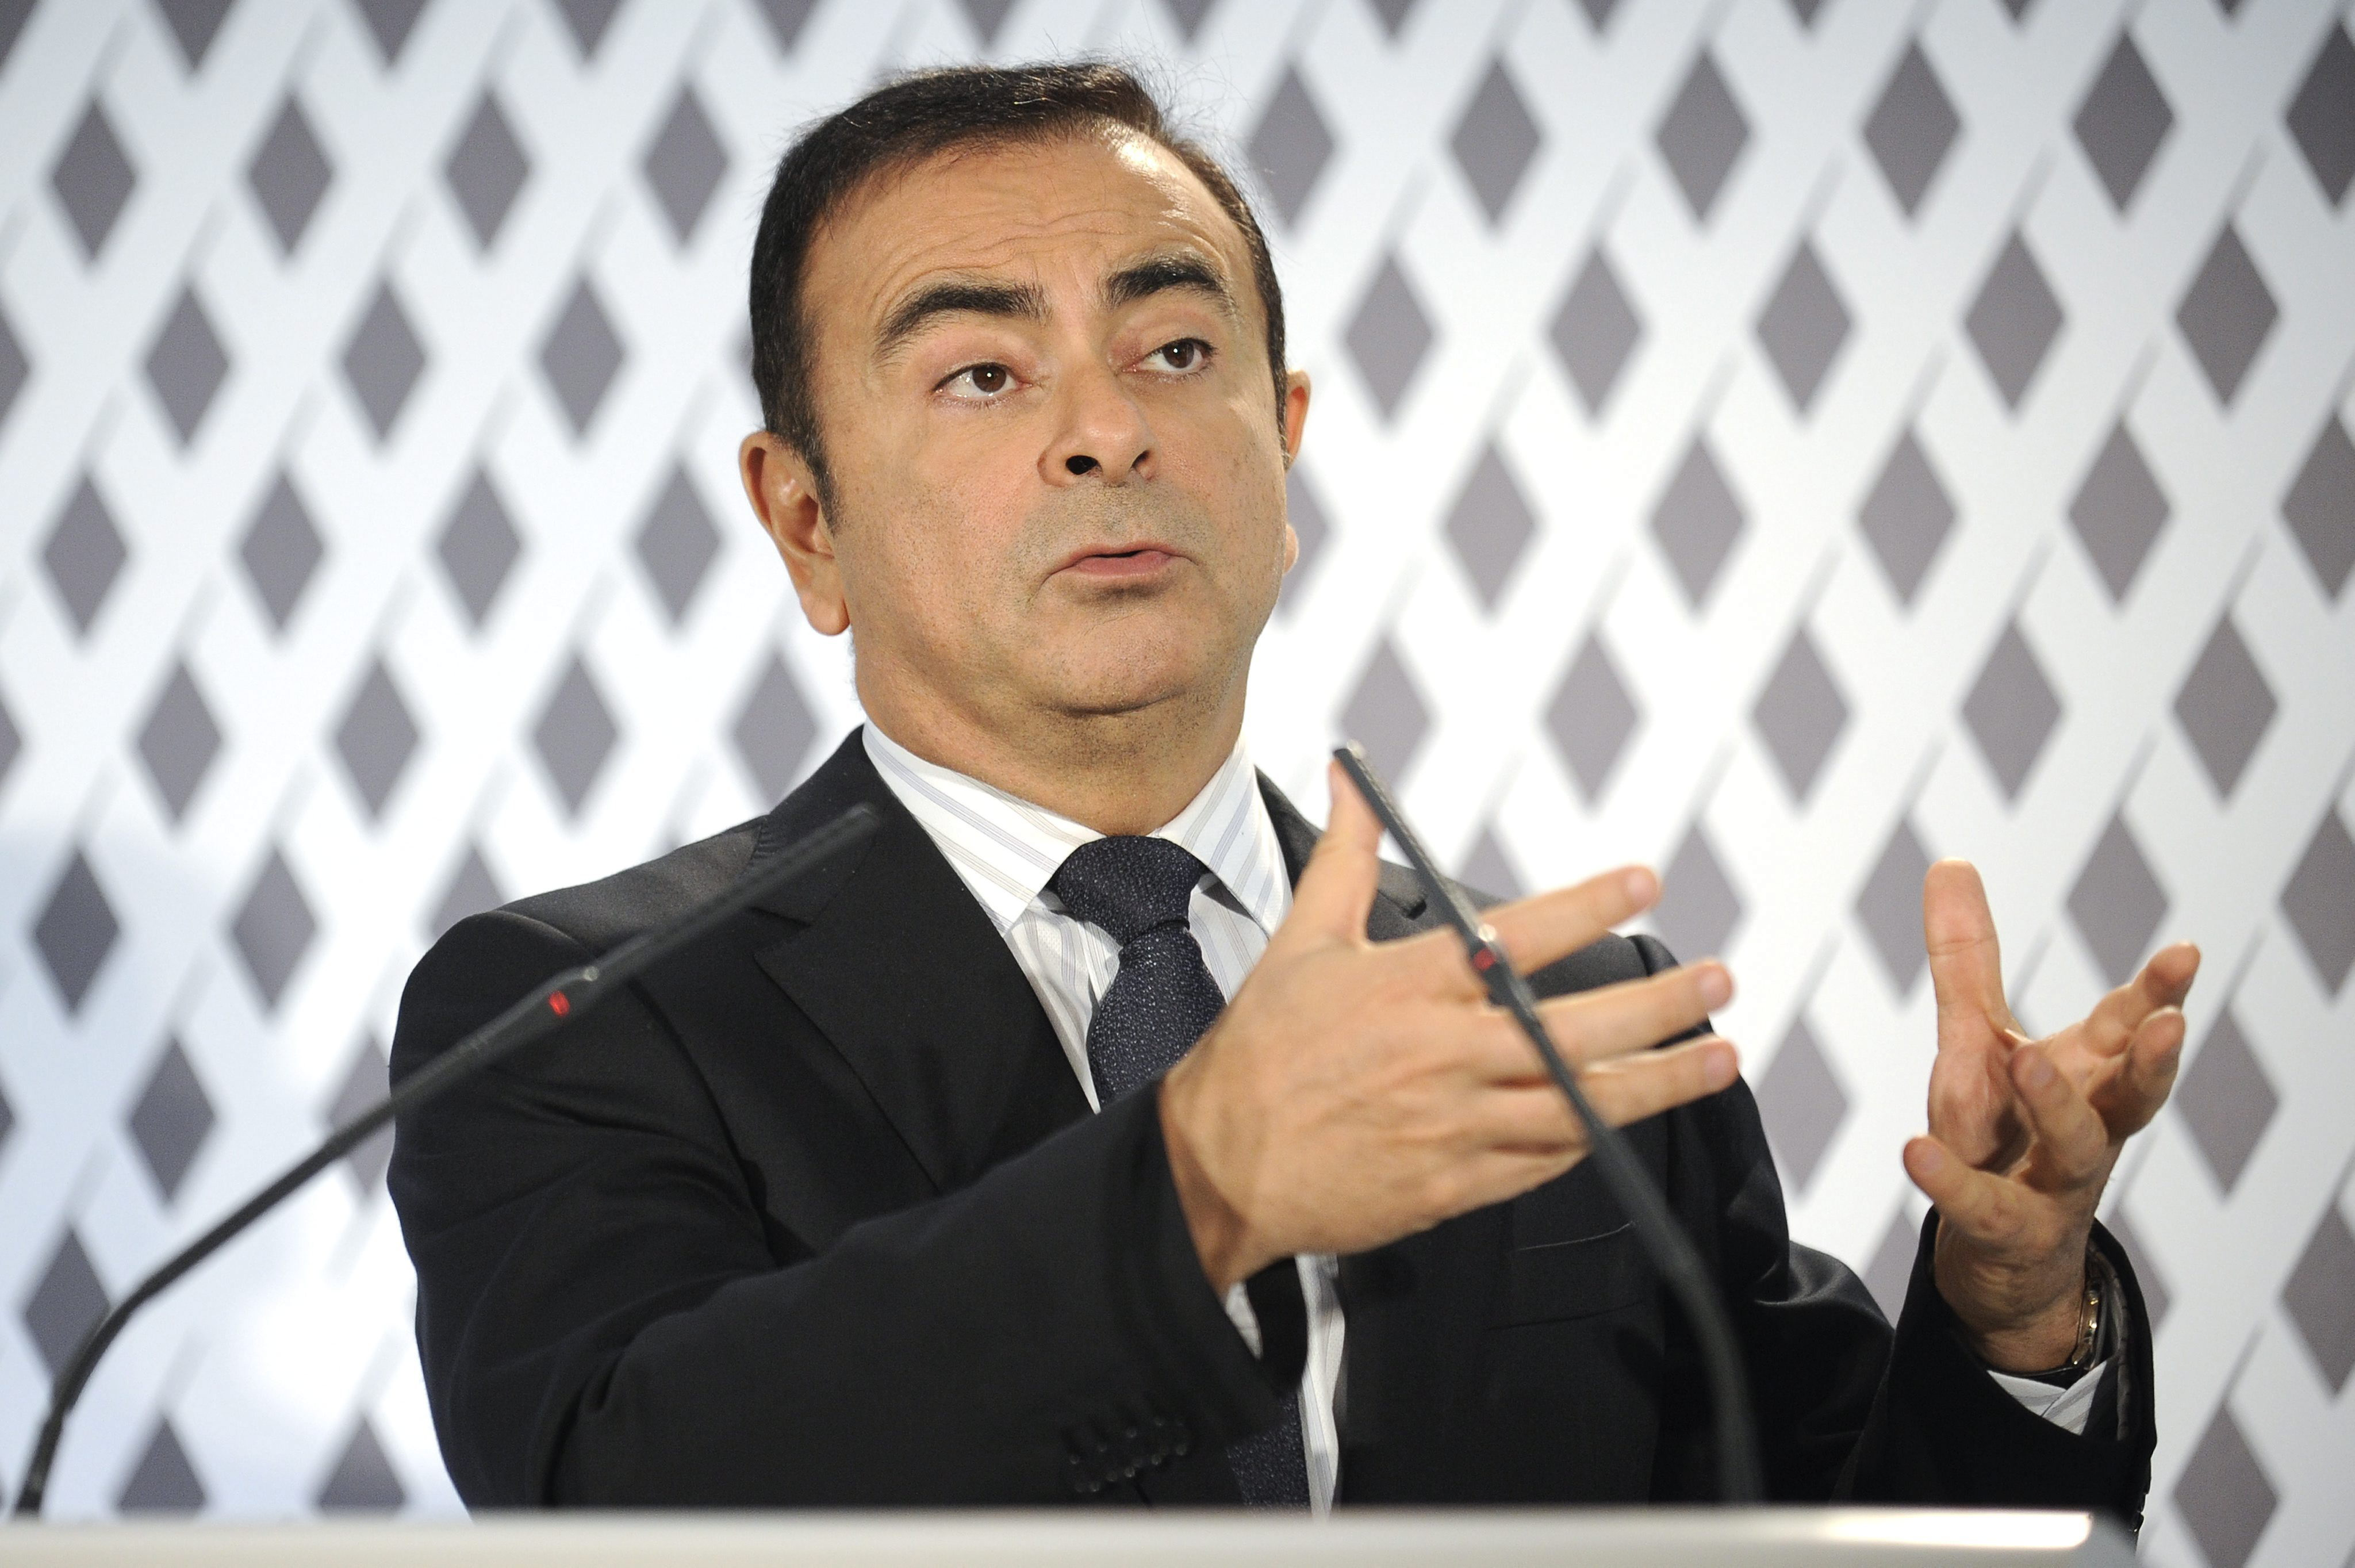 El presidente de Nissan se sitúa como uno de los mejor pagados en Japón